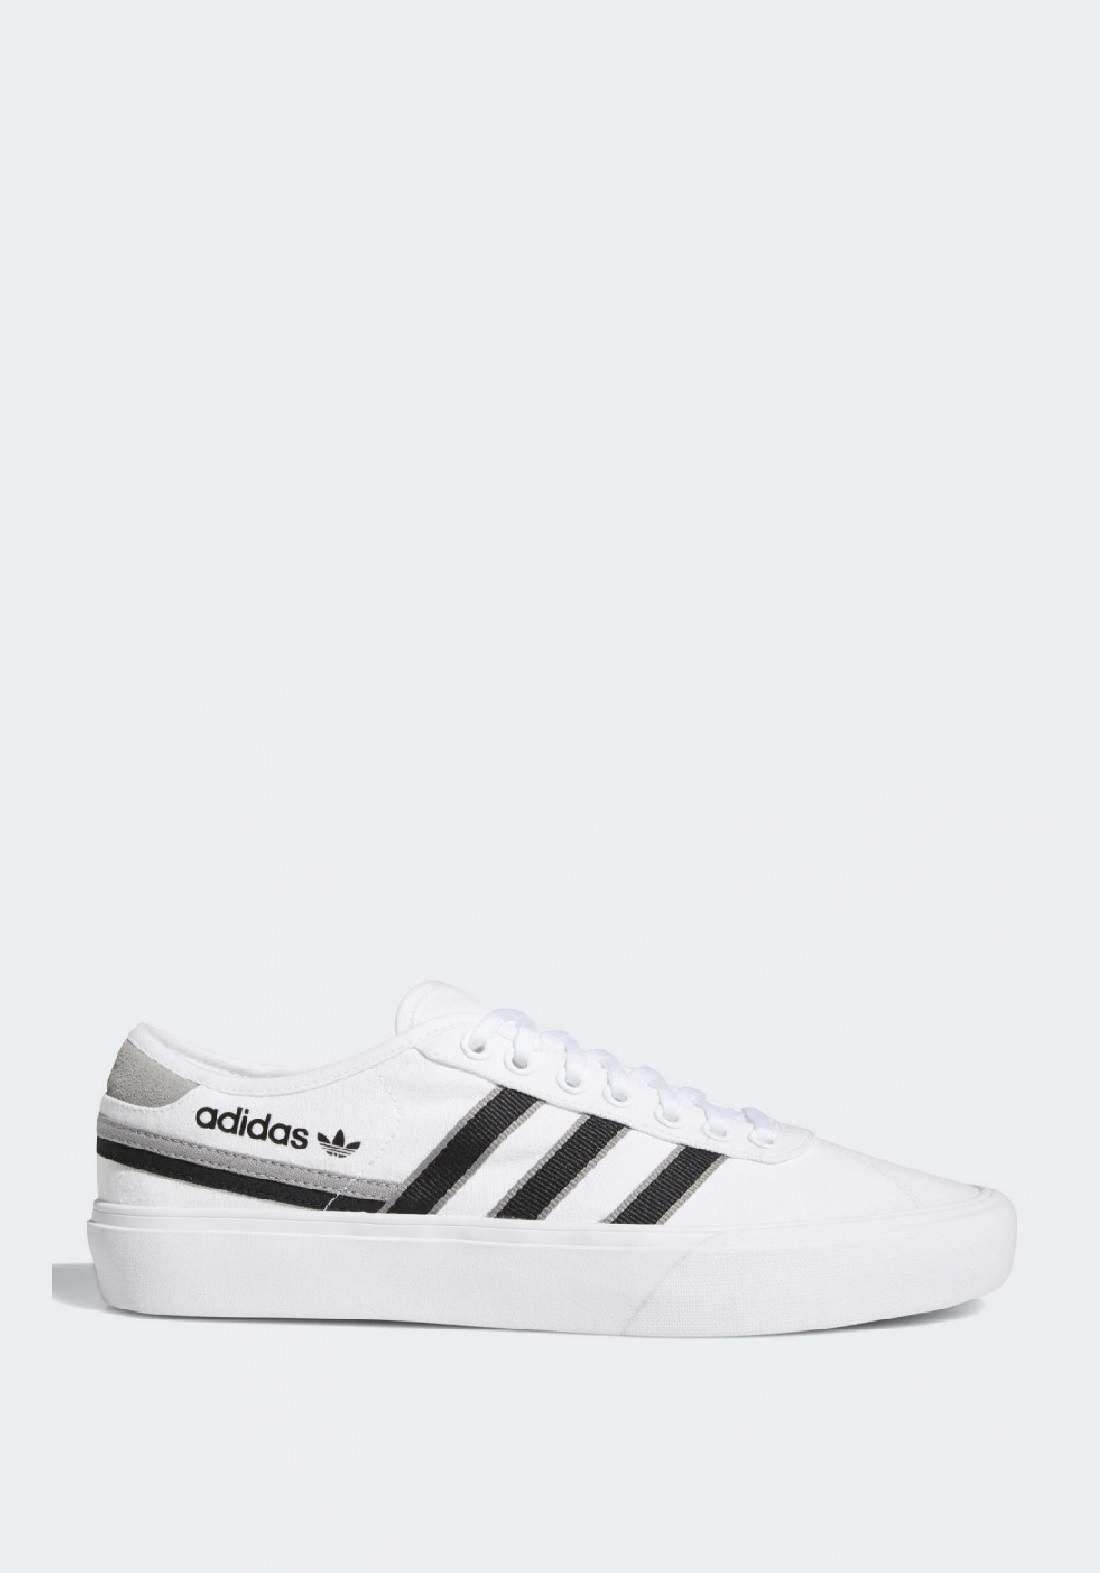 Adidas حذاء رجالي رياضي ابيض اللون من